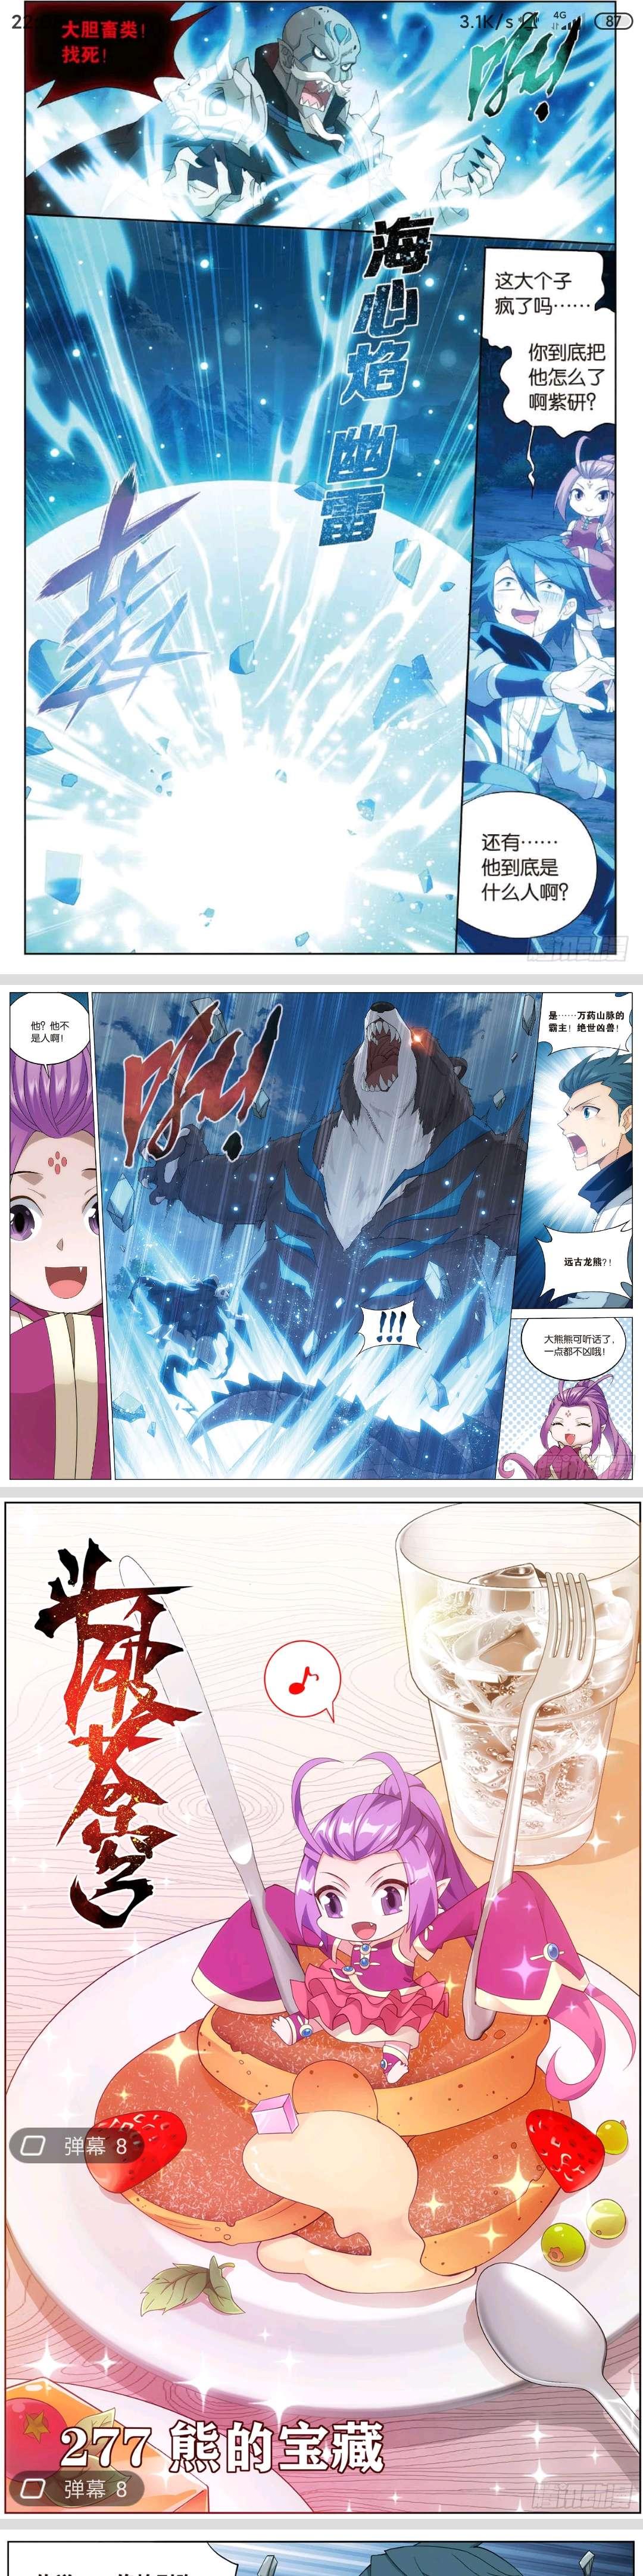 【漫画更新】斗破苍穹漫画-山脉之主&熊的宝藏